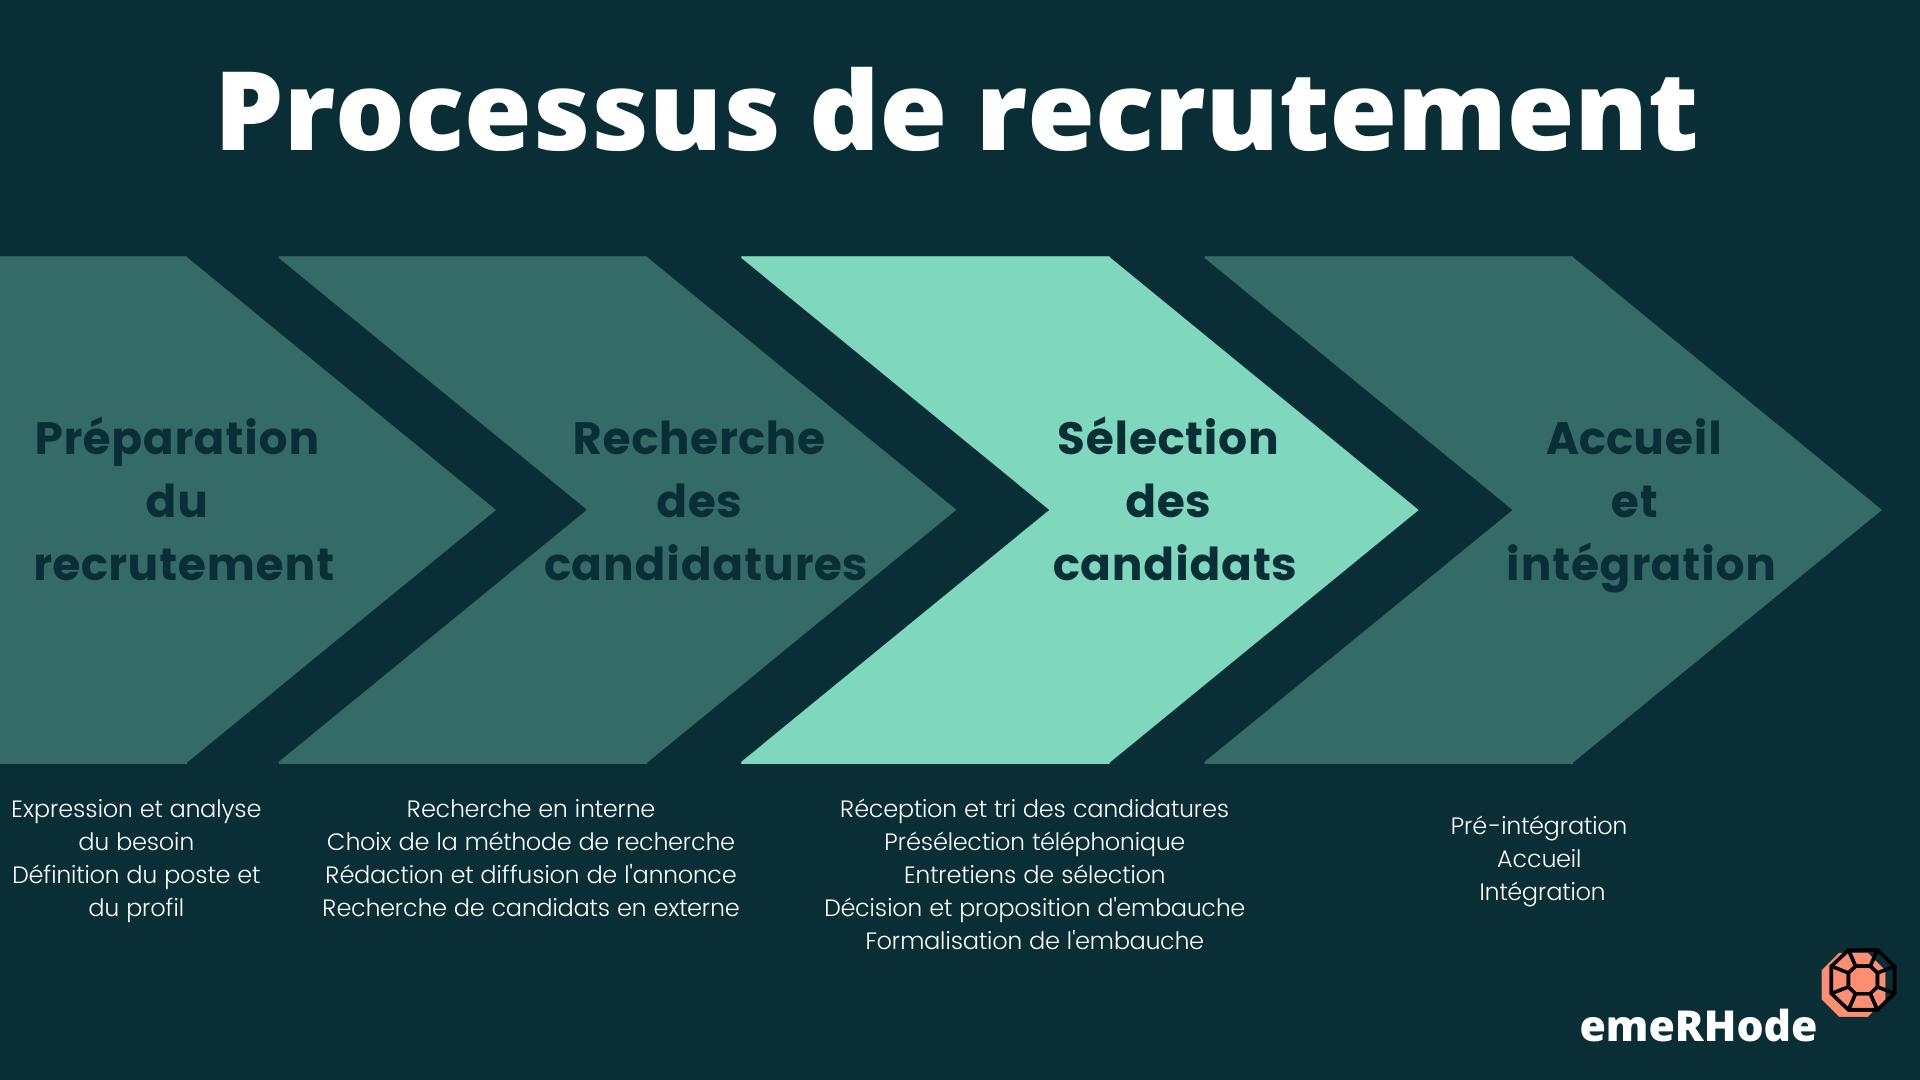 Processus de recrutement sélection